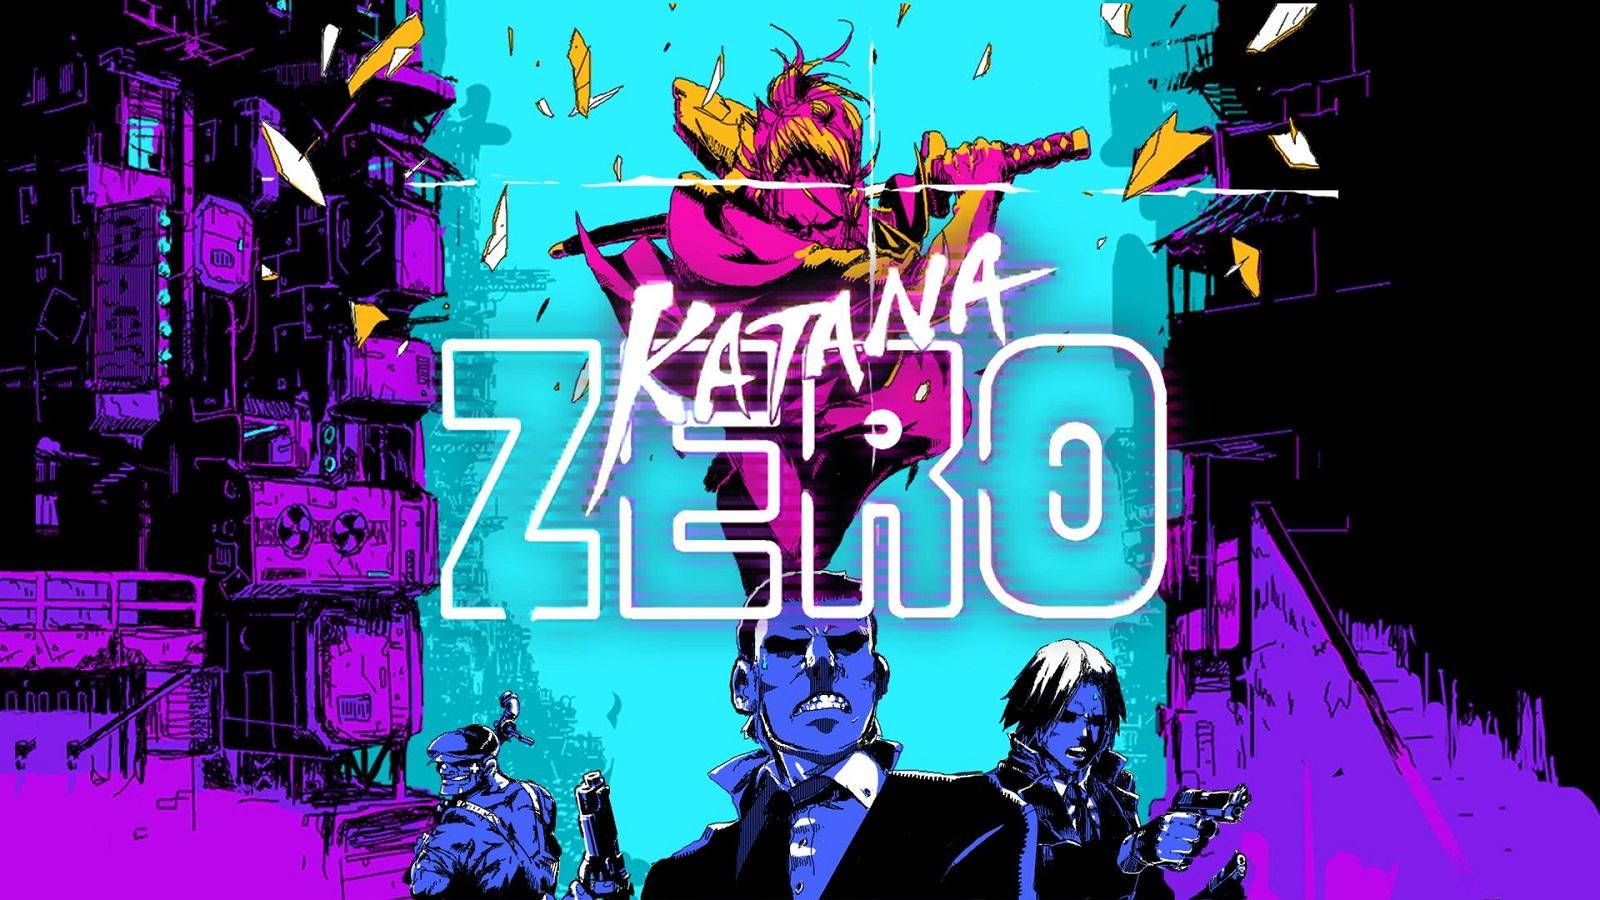 Больше уровней, механик, врагов, боссов и сюжета: бесплатное дополнение к Katana ZERO увеличилось в последний раз